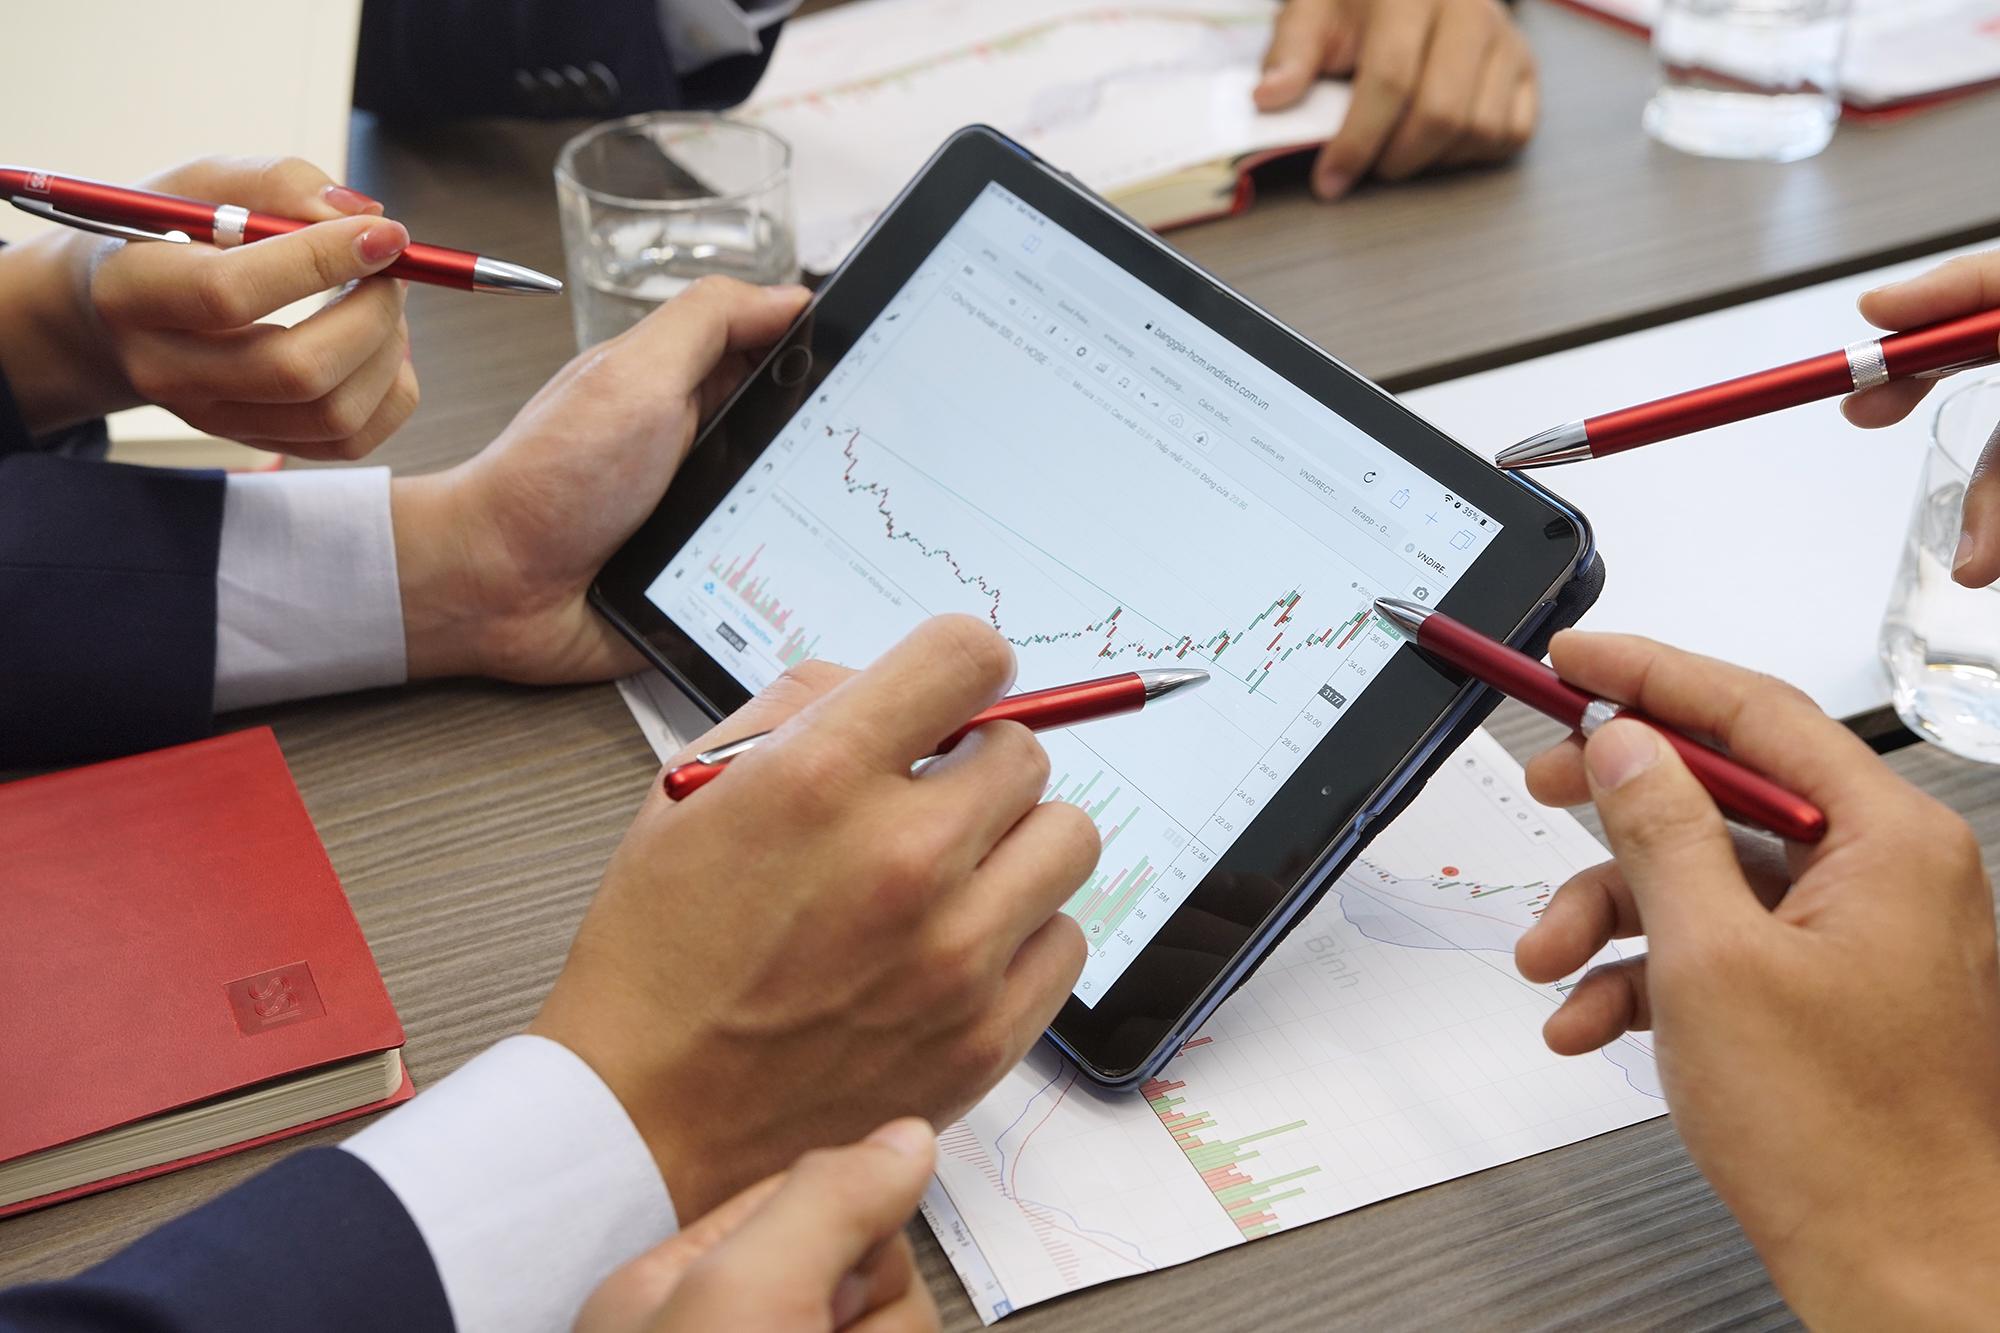 Chiến lược và kỷ luật - Yếu tố sống còn quyết định lợi nhuận trong đầu tư chứng khoán